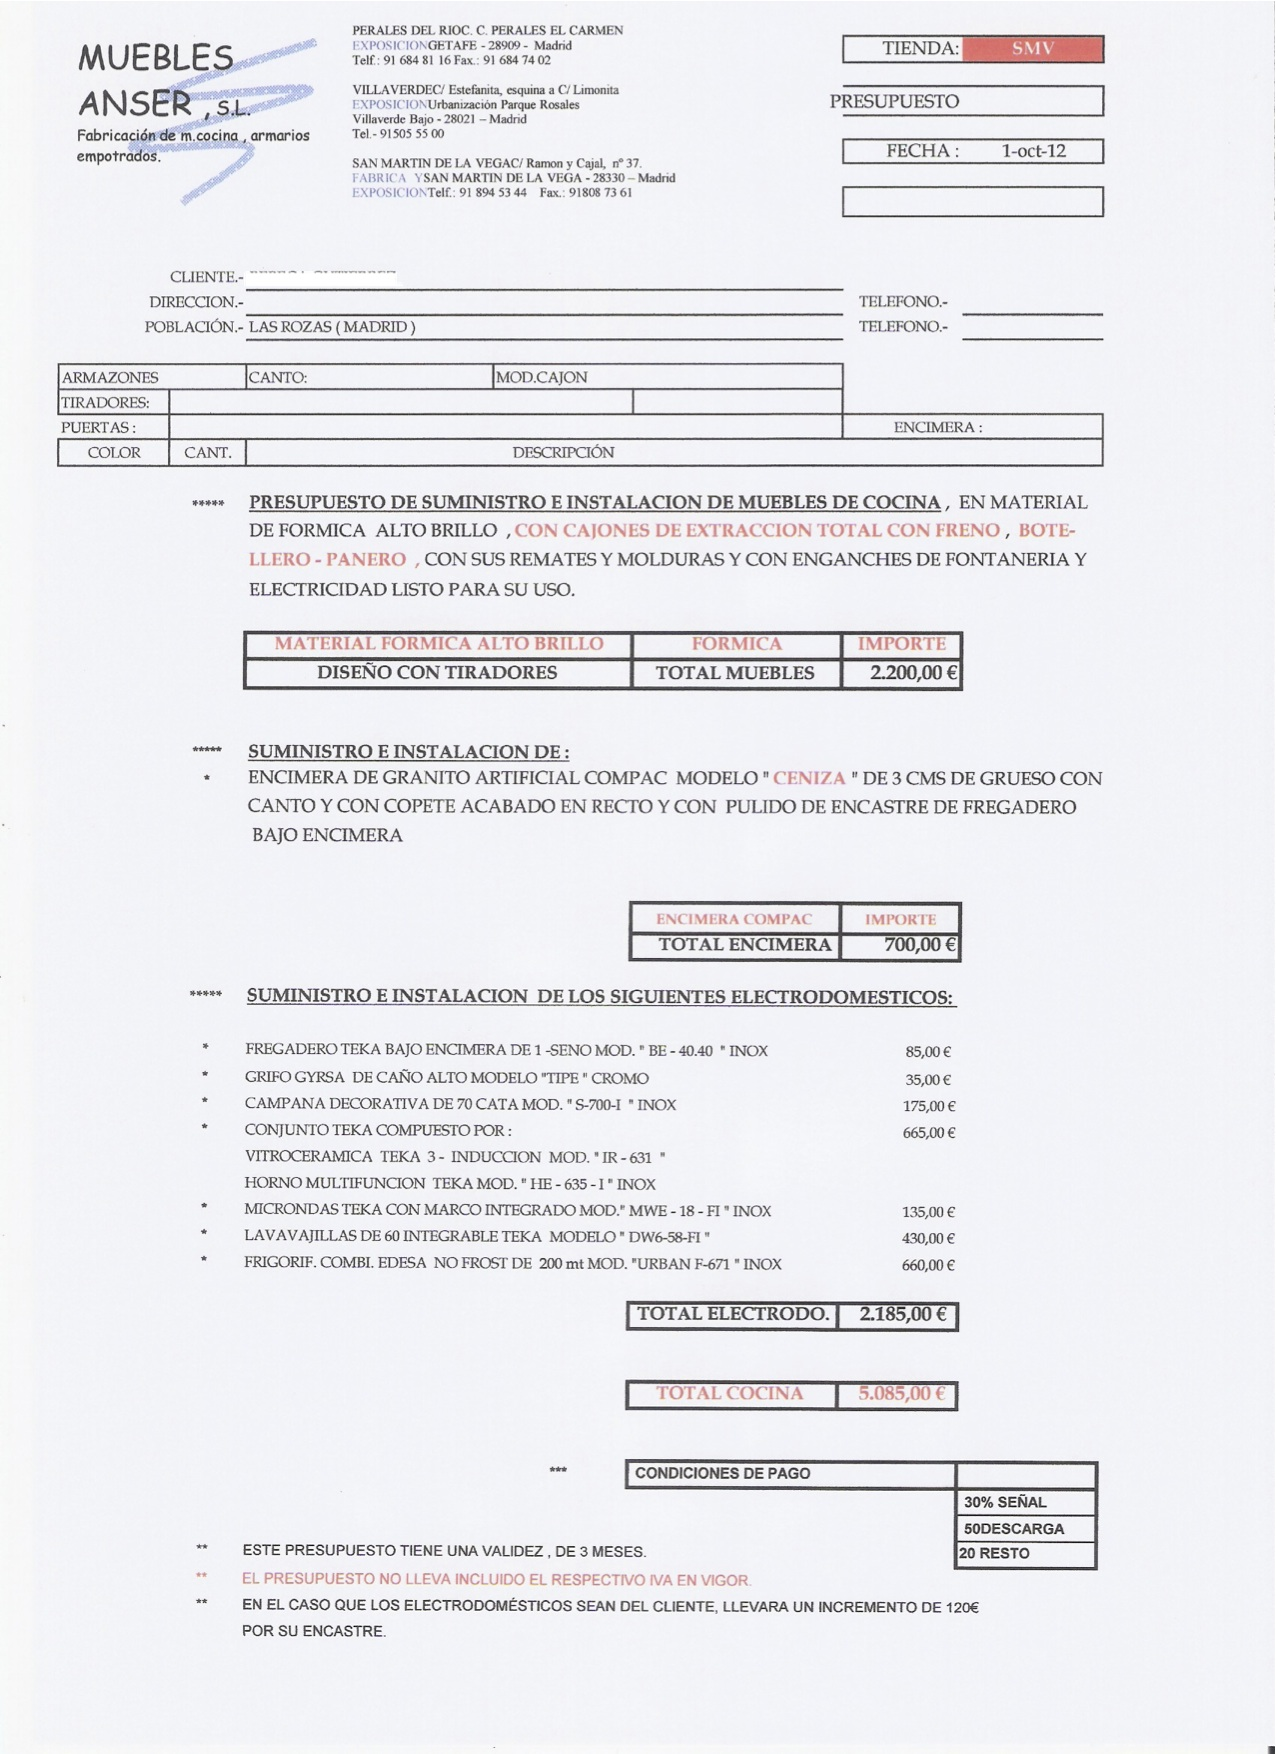 Emgv marazuela 2 conv documento presupuesto - Presupuesto cocina completa ...